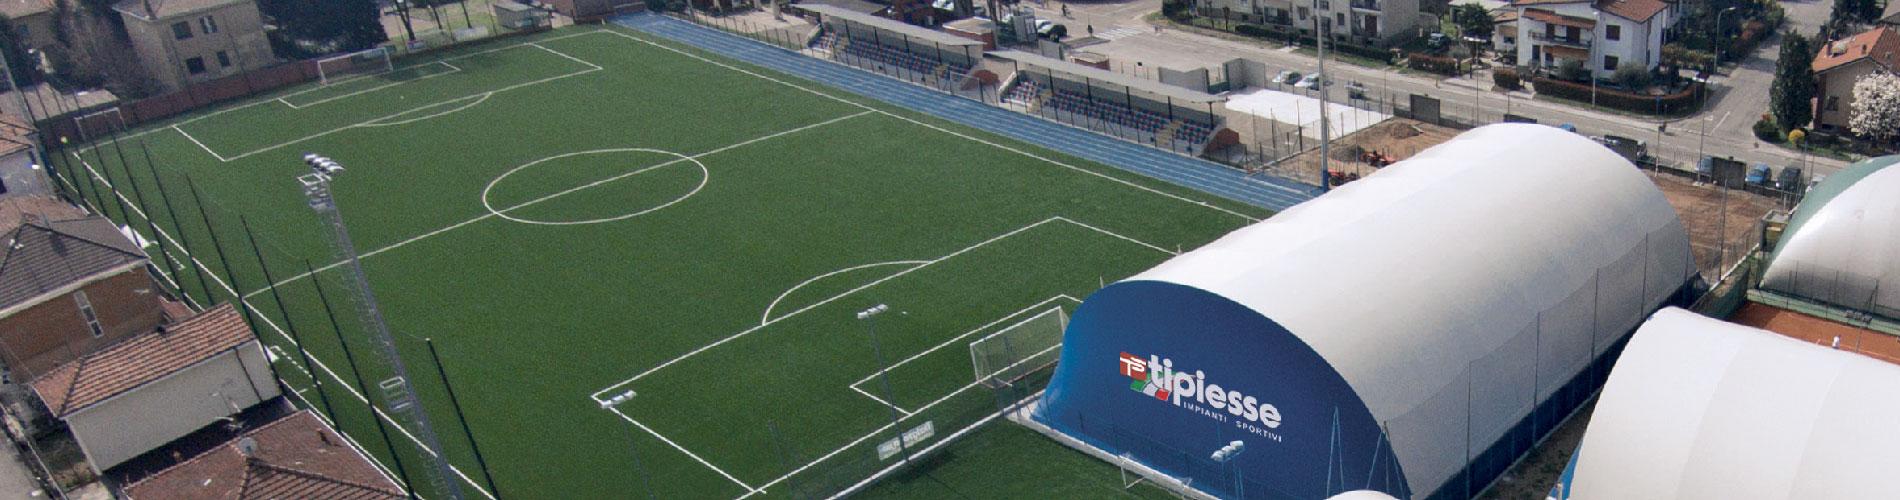 tipiesse-progettazione-e-realizzazione-di-resine-per-la-pavimentazione-sportiva-e-nella-realizzazione-di-impianti-sportivi-slide3